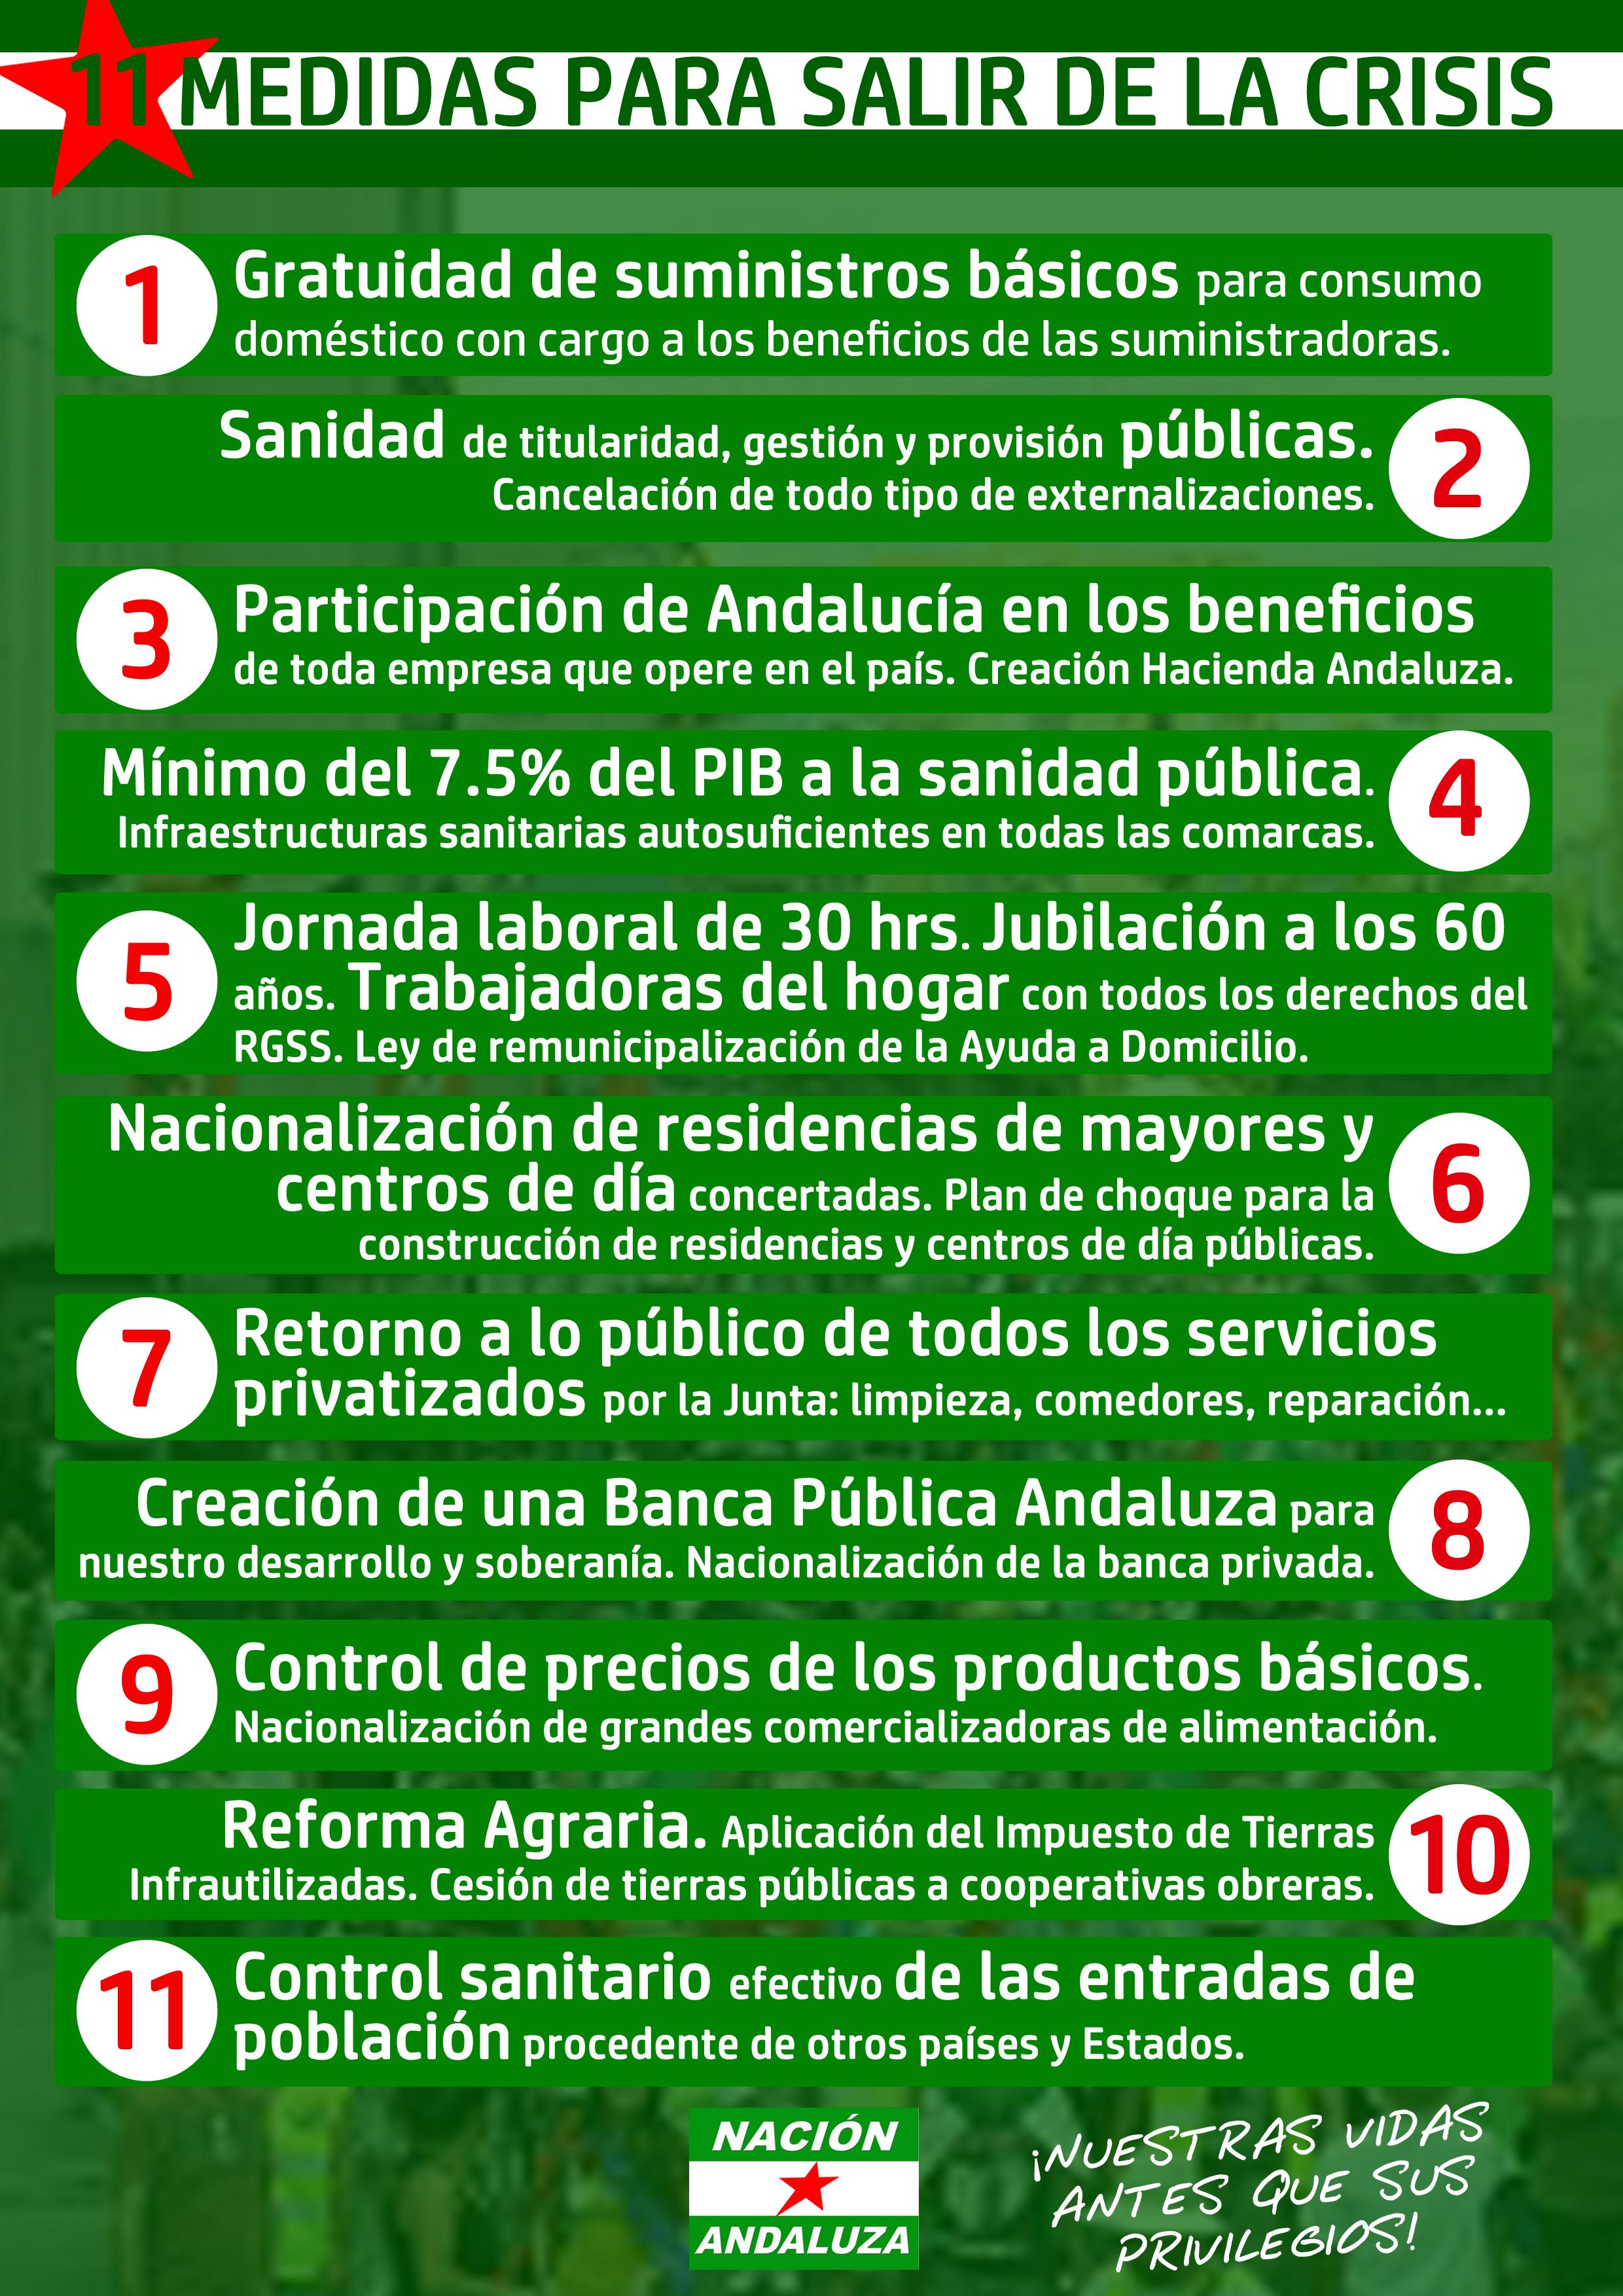 Para que la nueva crisis capitalista no la vuelva a pagar el Pueblo Trabajador Andaluz y no suframos de nuevo los estragos del Covid-19